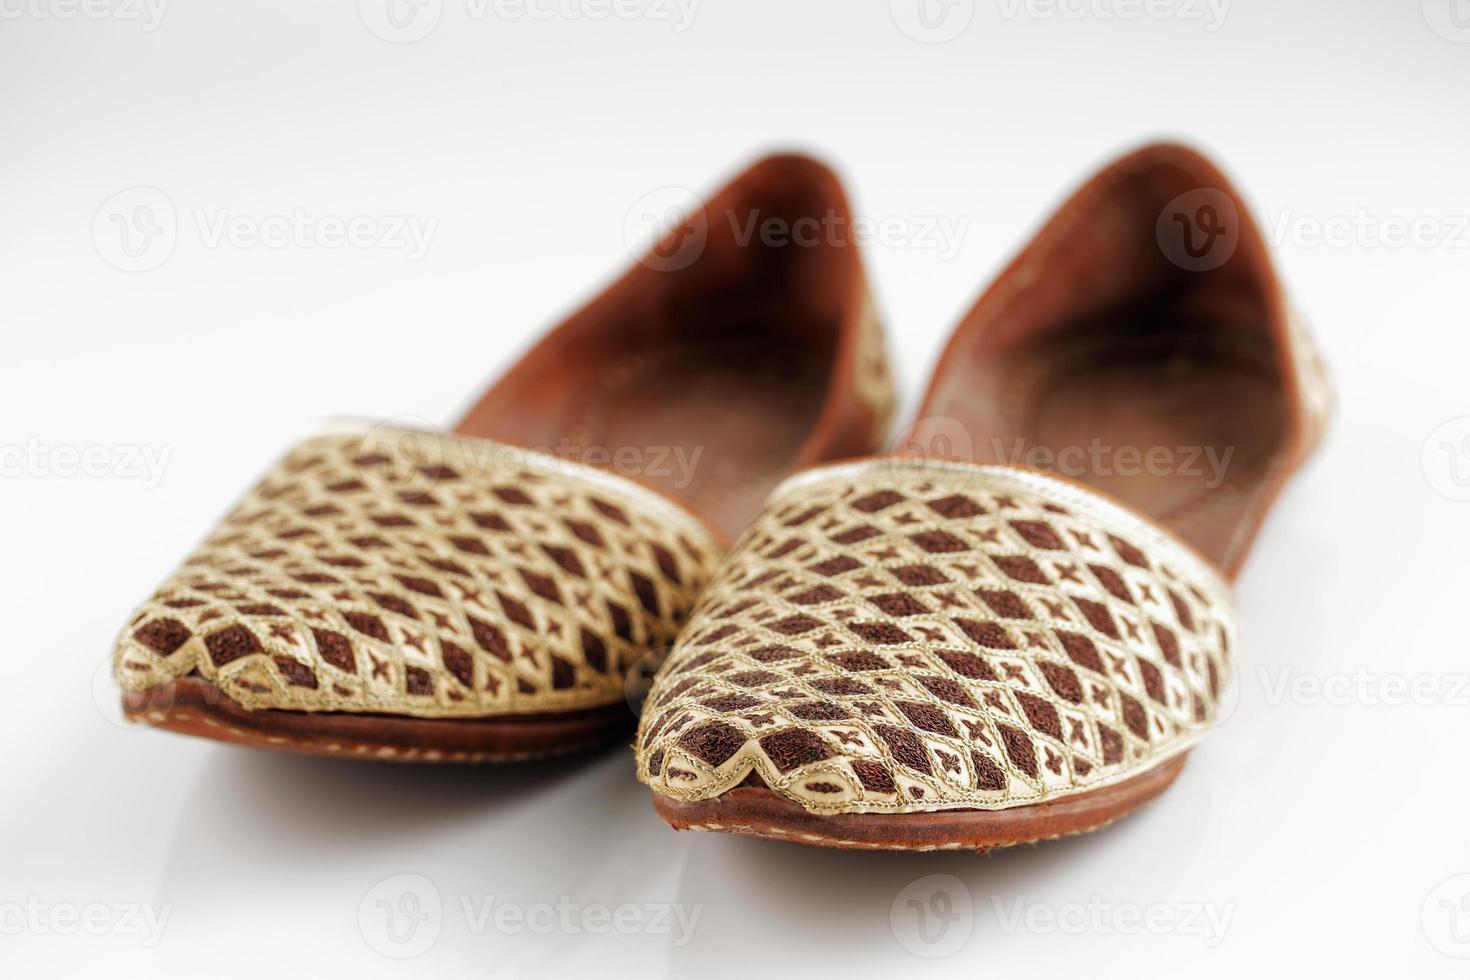 traditionele Arabische pantoffels foto